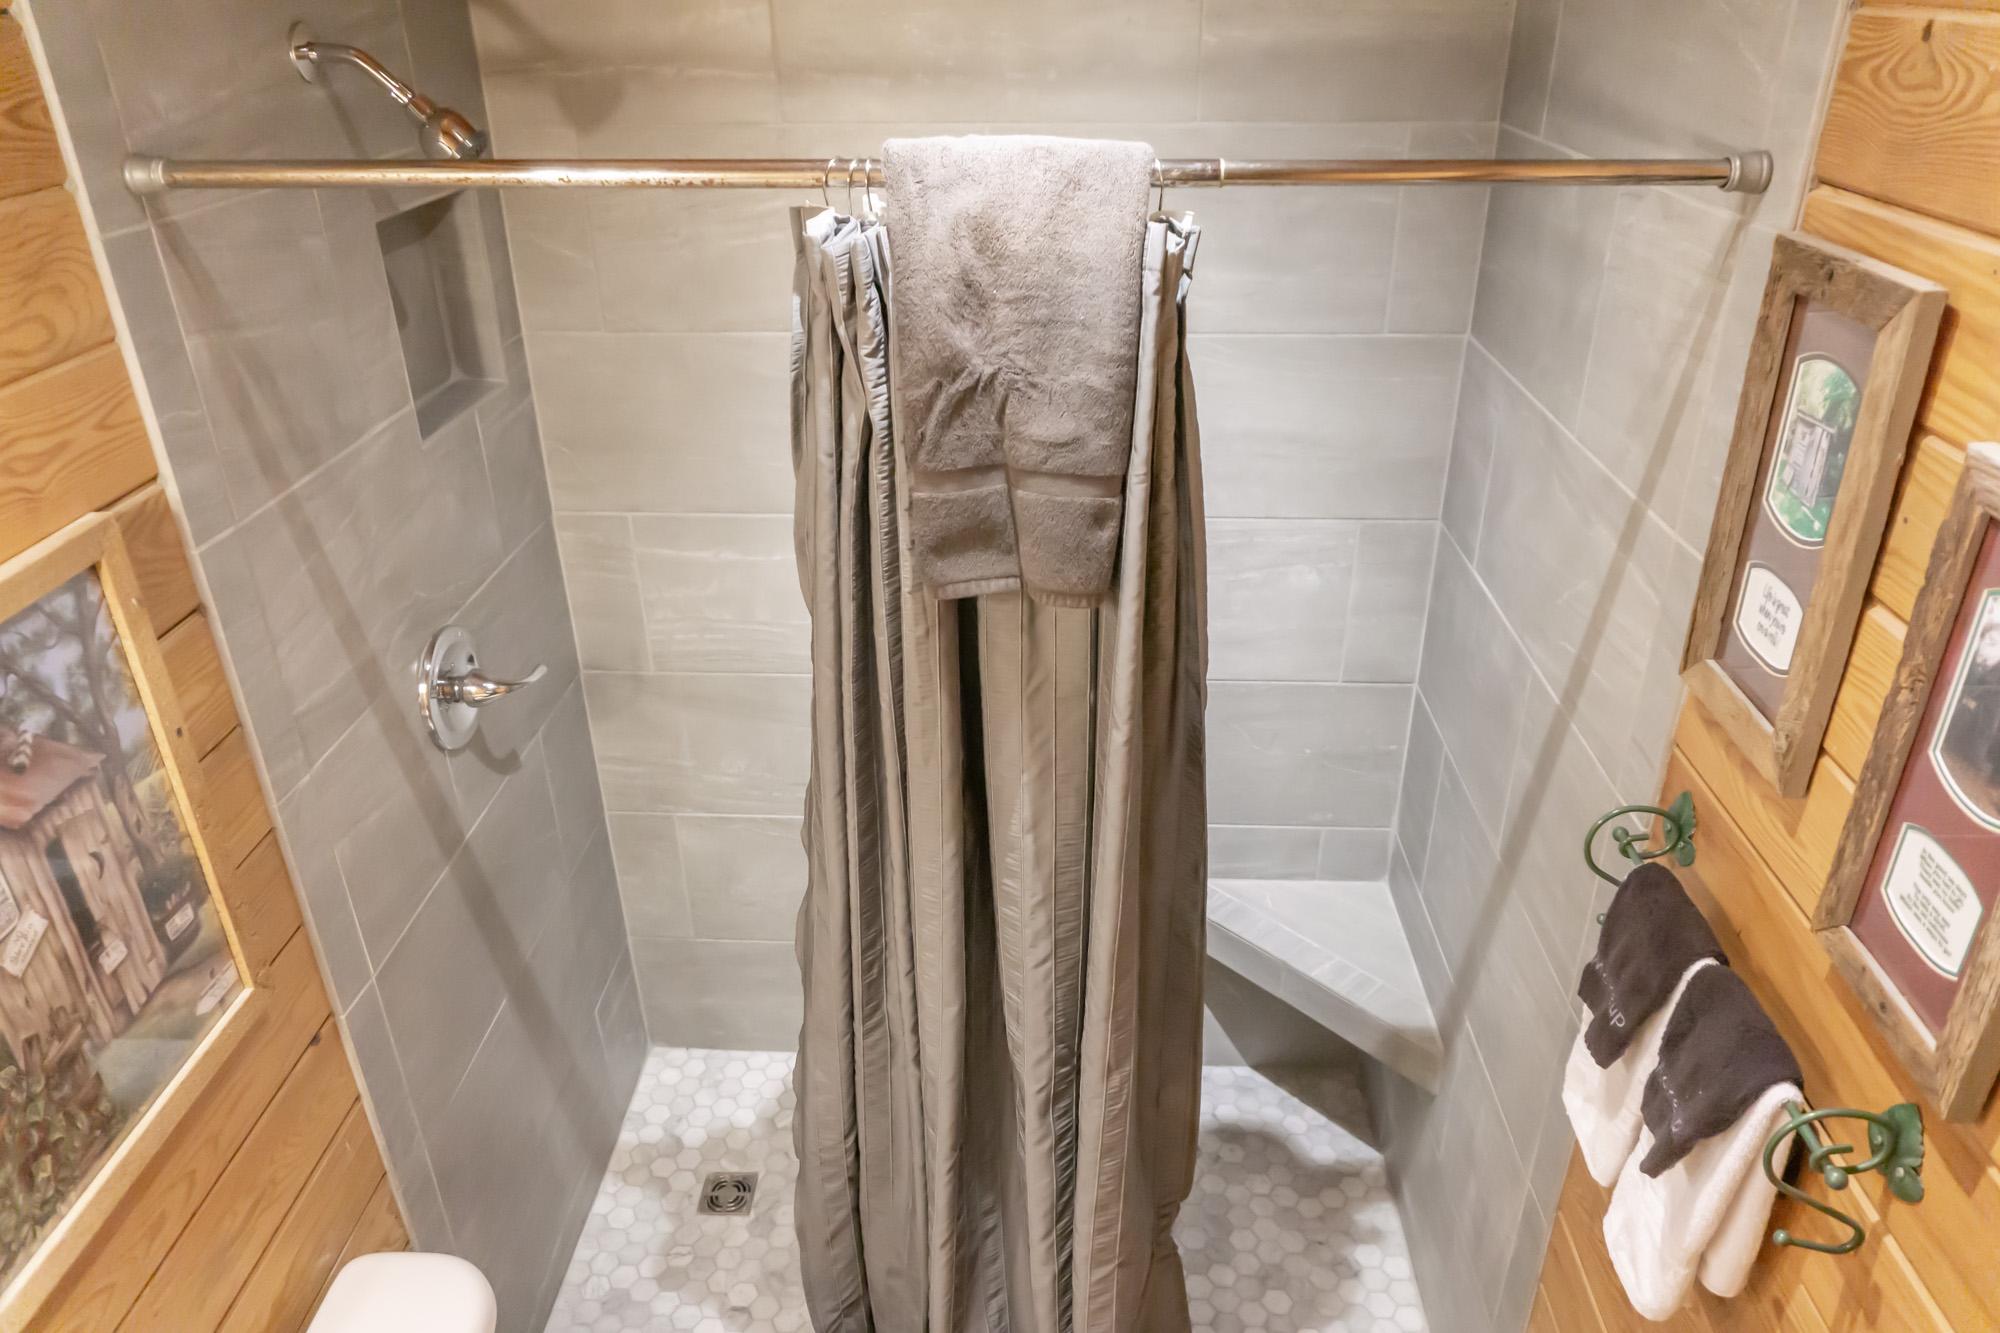 Upper level shower in bathroom